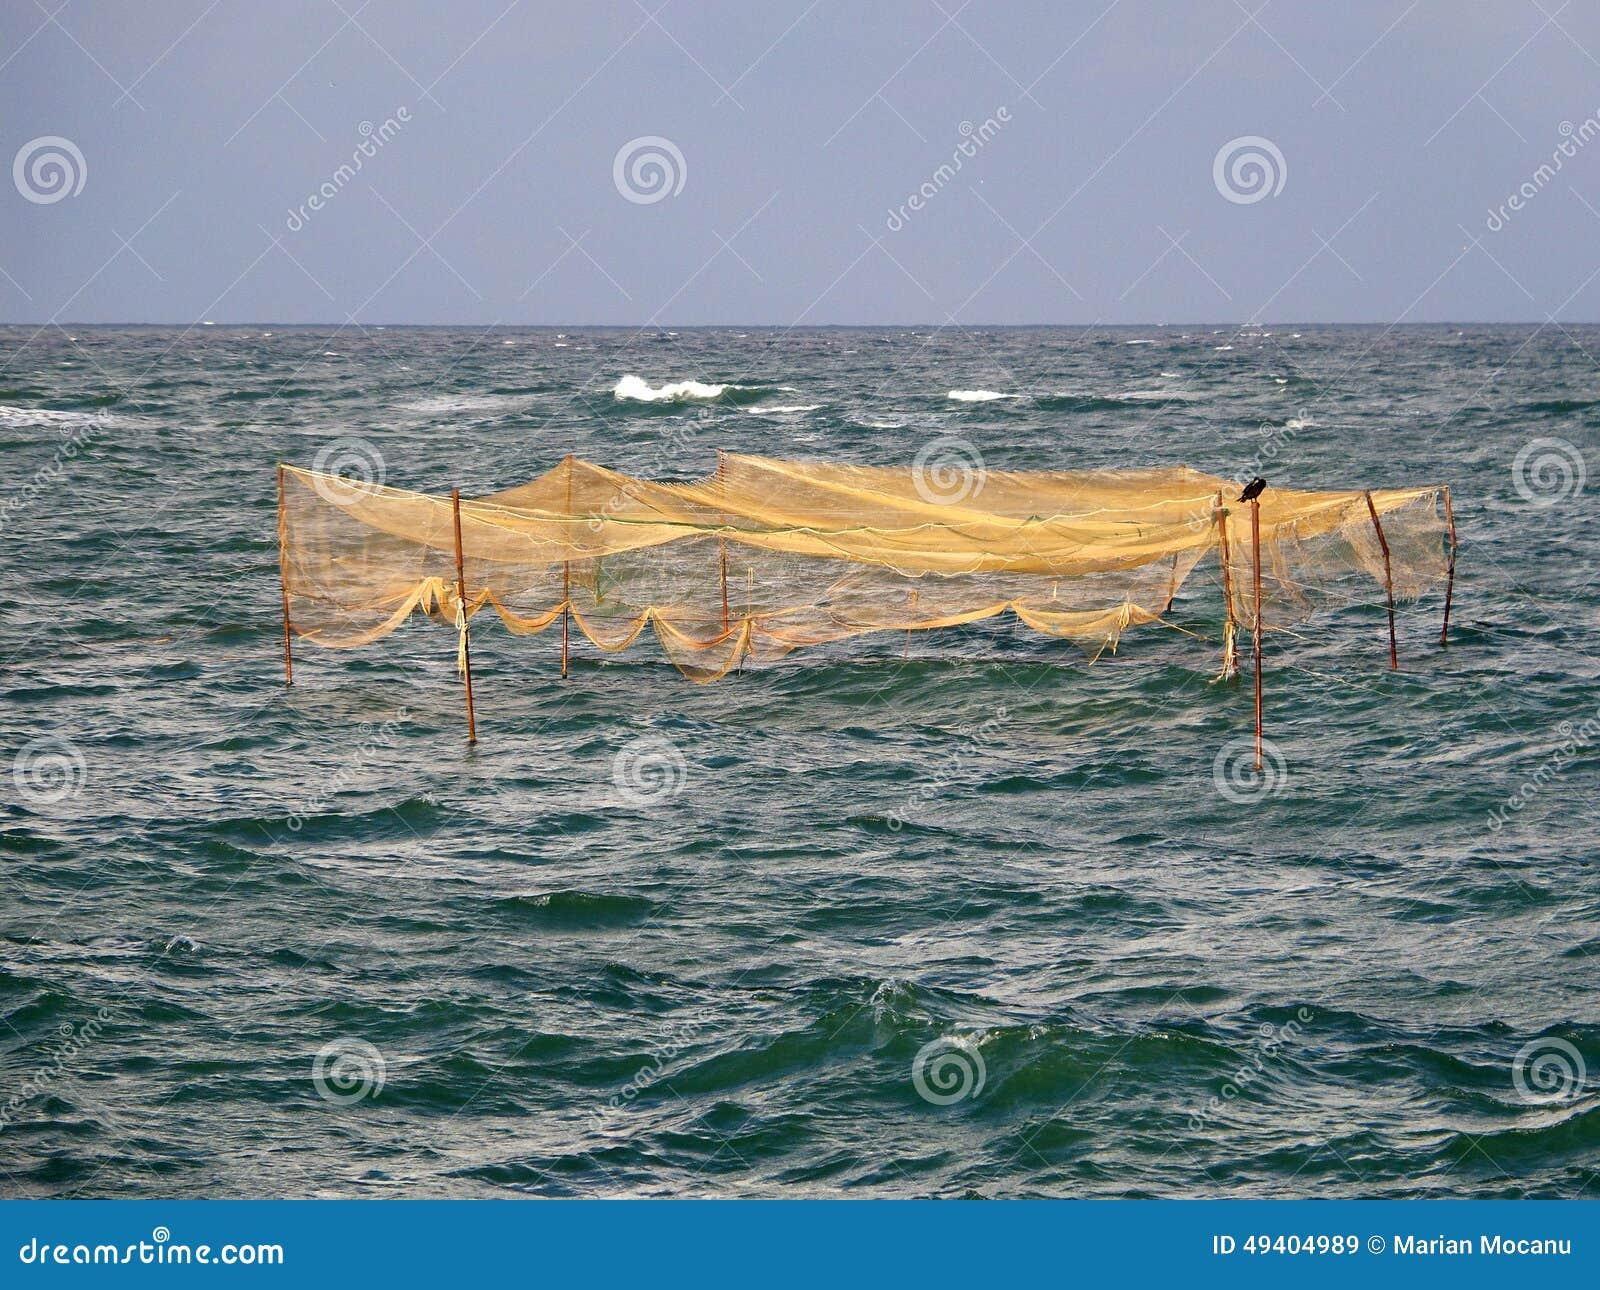 Download Fischfallen stockbild. Bild von verriegelung, landwirtschaft - 49404989